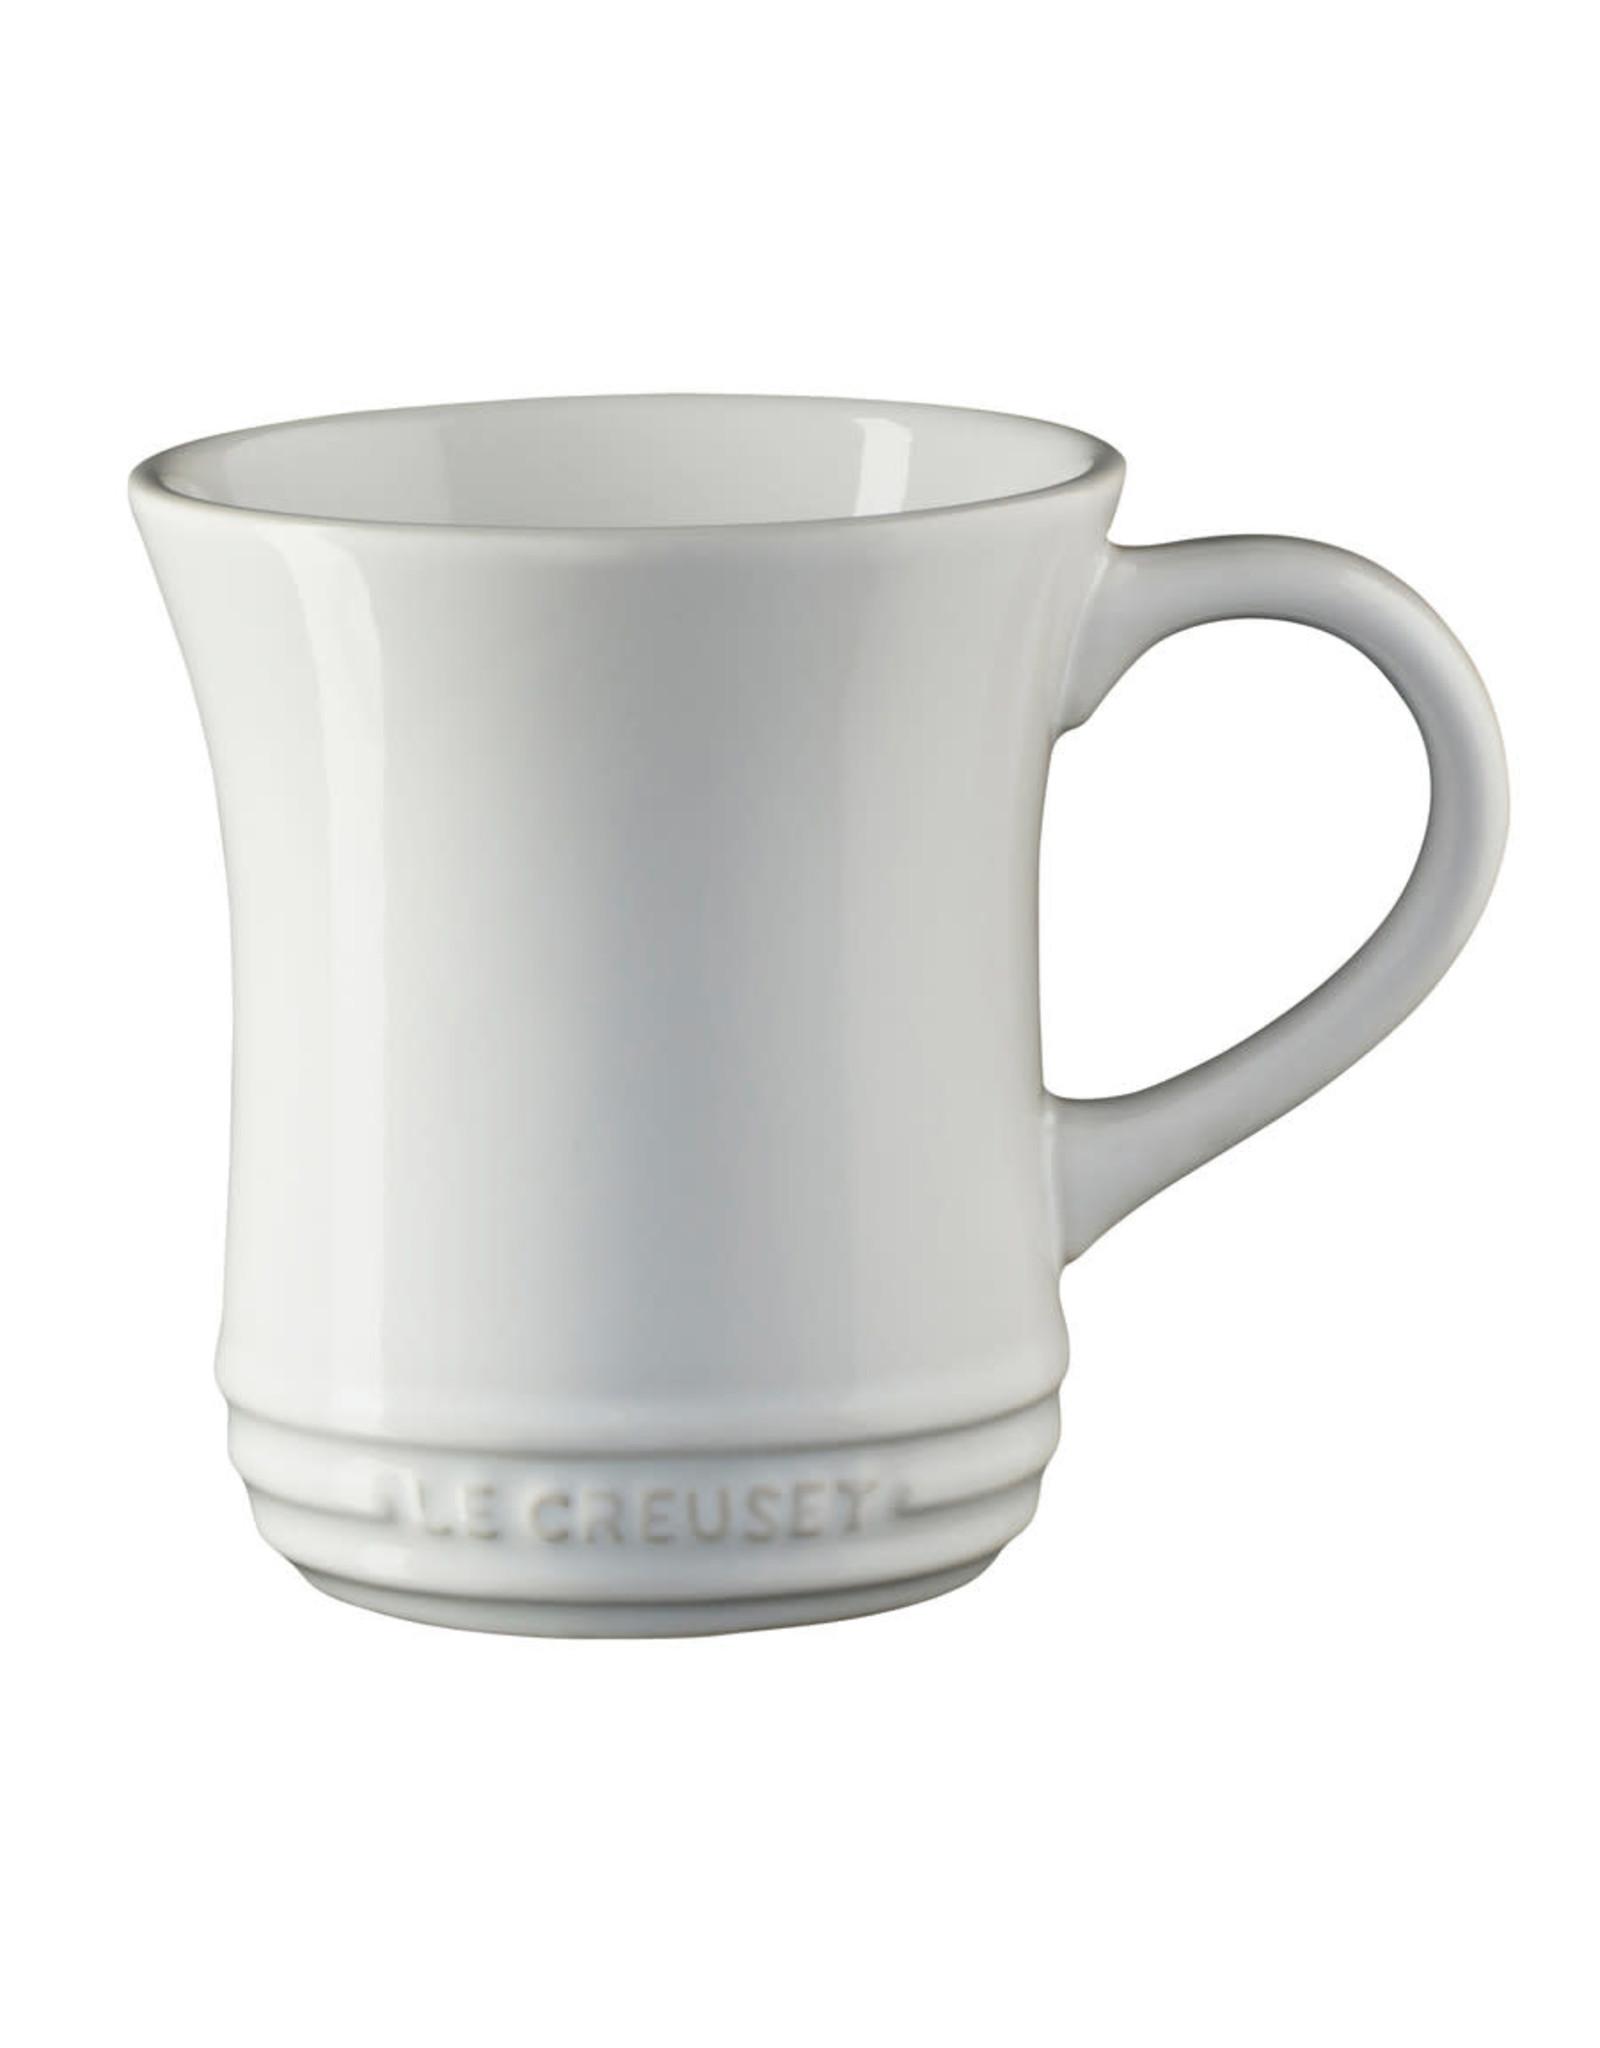 Le Creuset Le Creuset 14oz Tea Mug - White